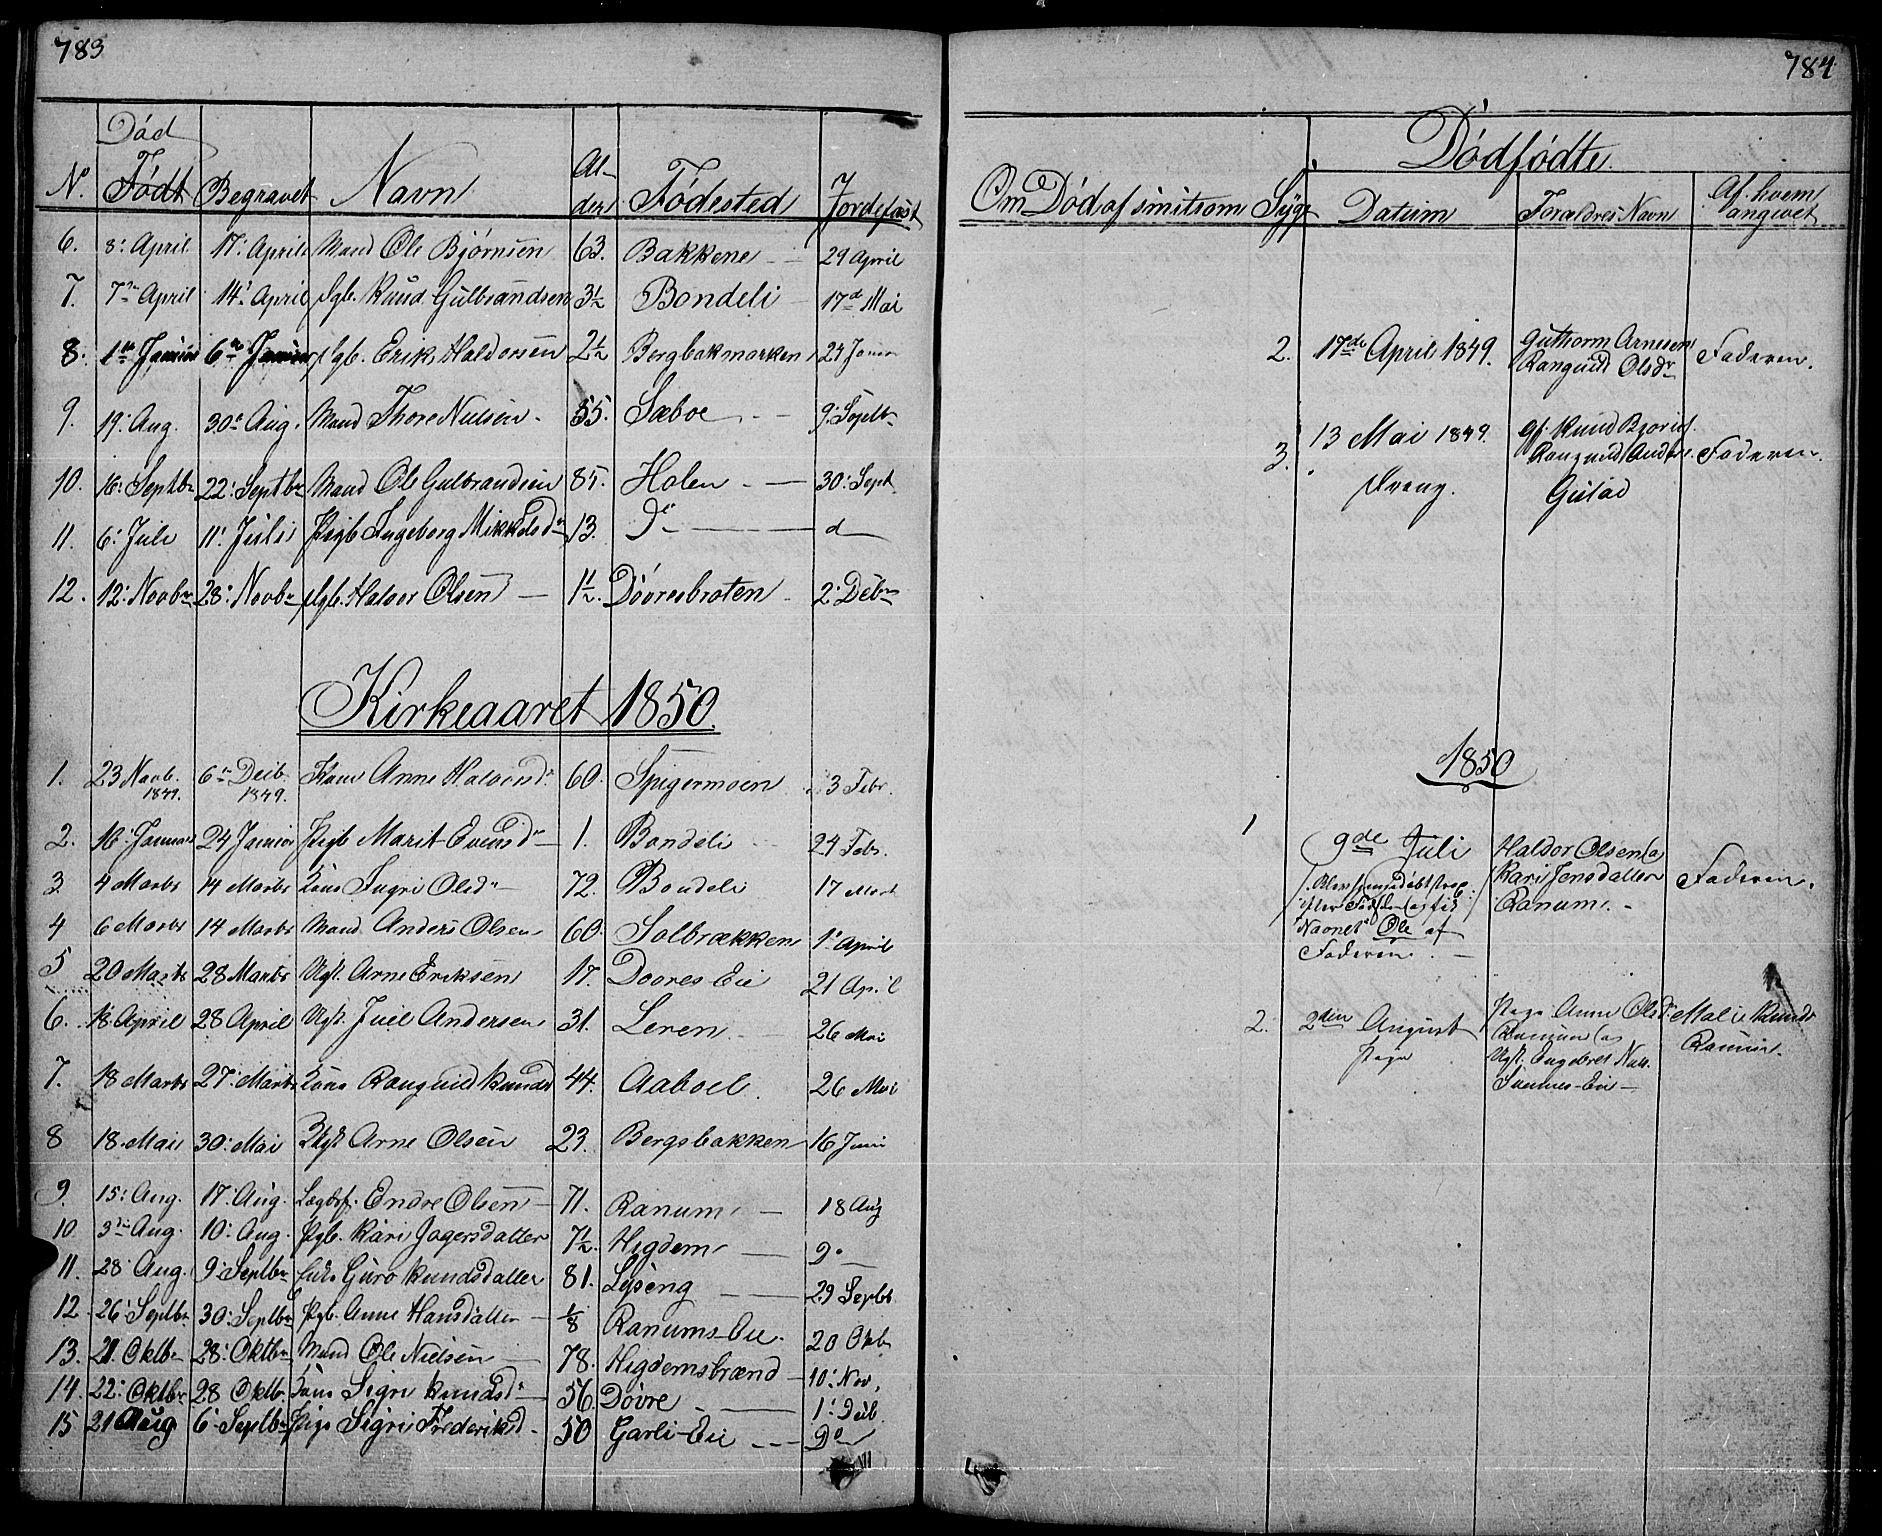 SAH, Nord-Aurdal prestekontor, Klokkerbok nr. 1, 1834-1887, s. 783-784